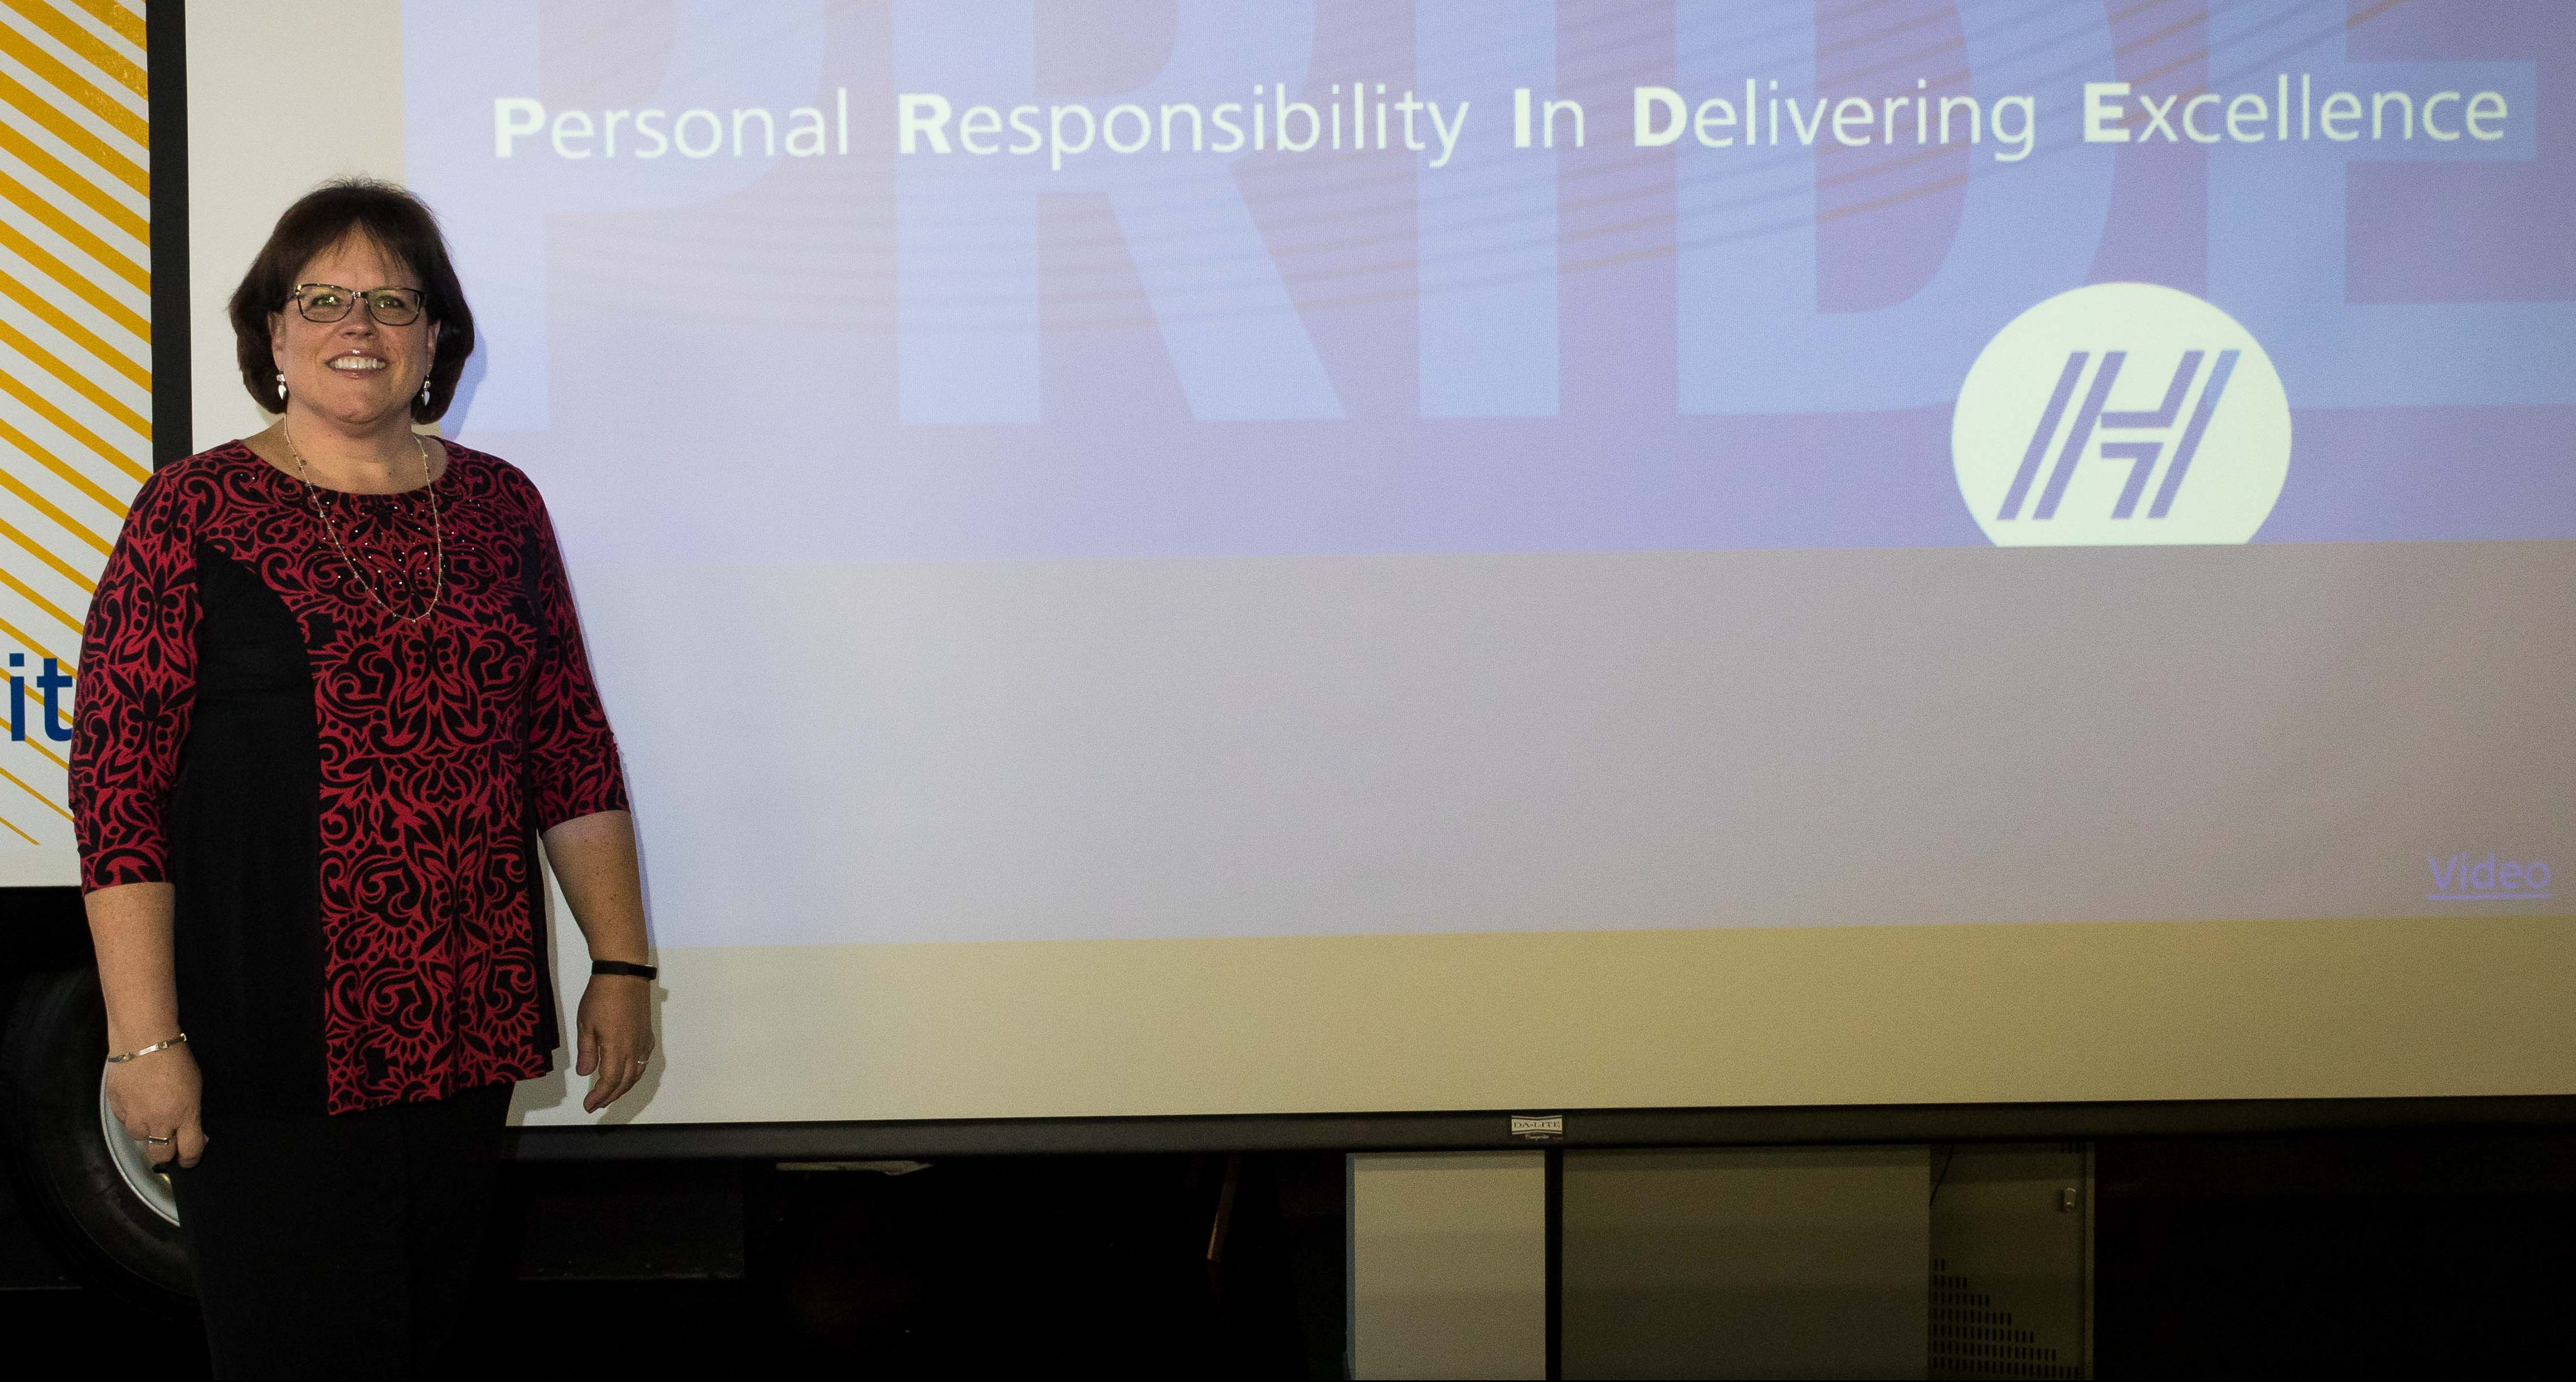 Sandy Schaaf next to powerpoint presentation